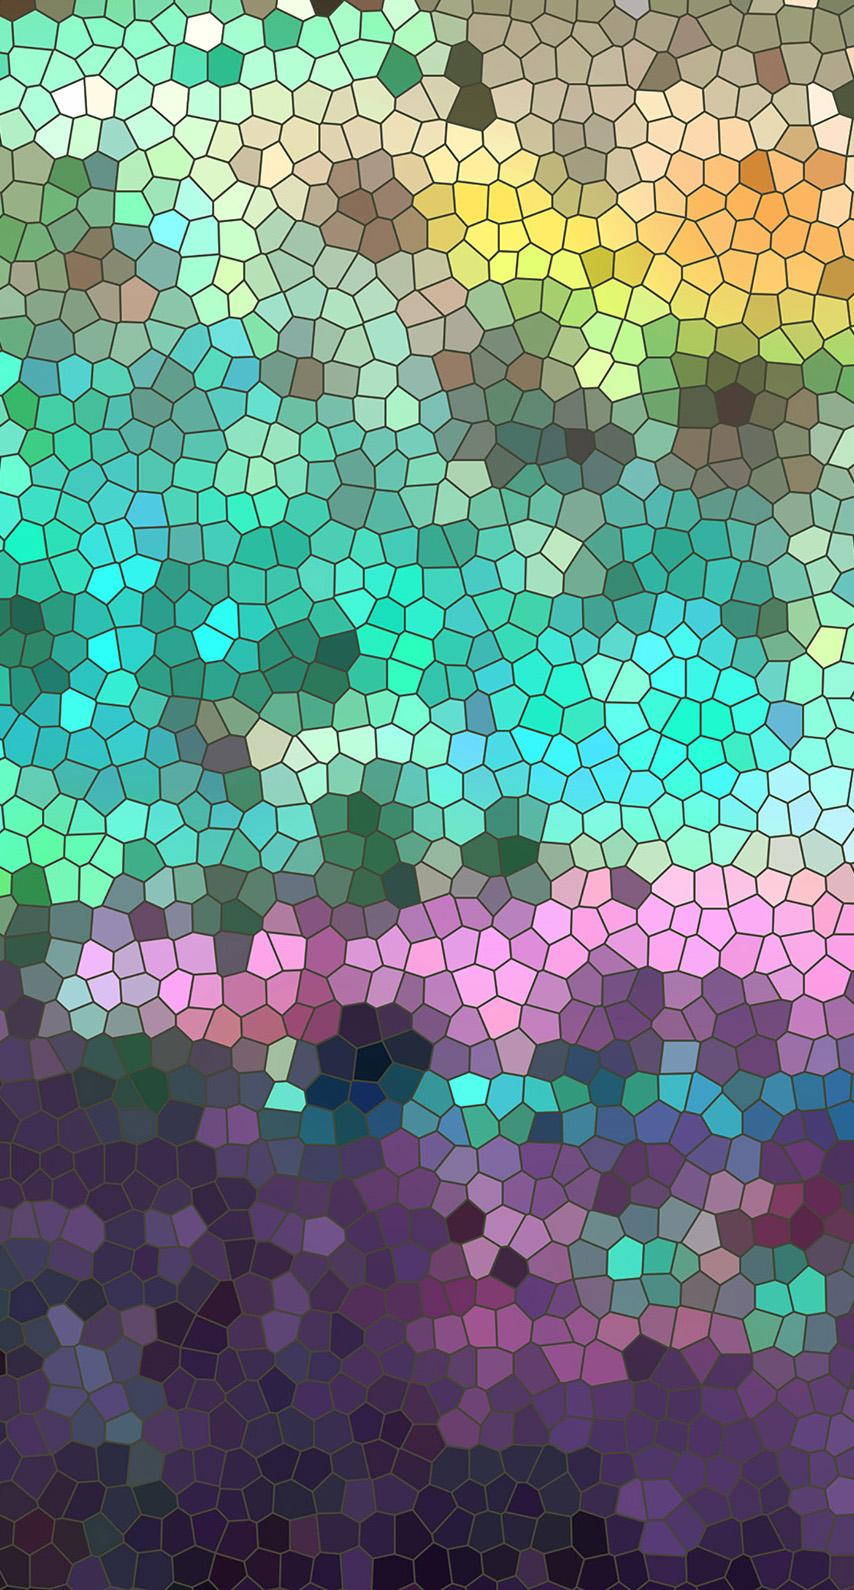 pixel, graphic